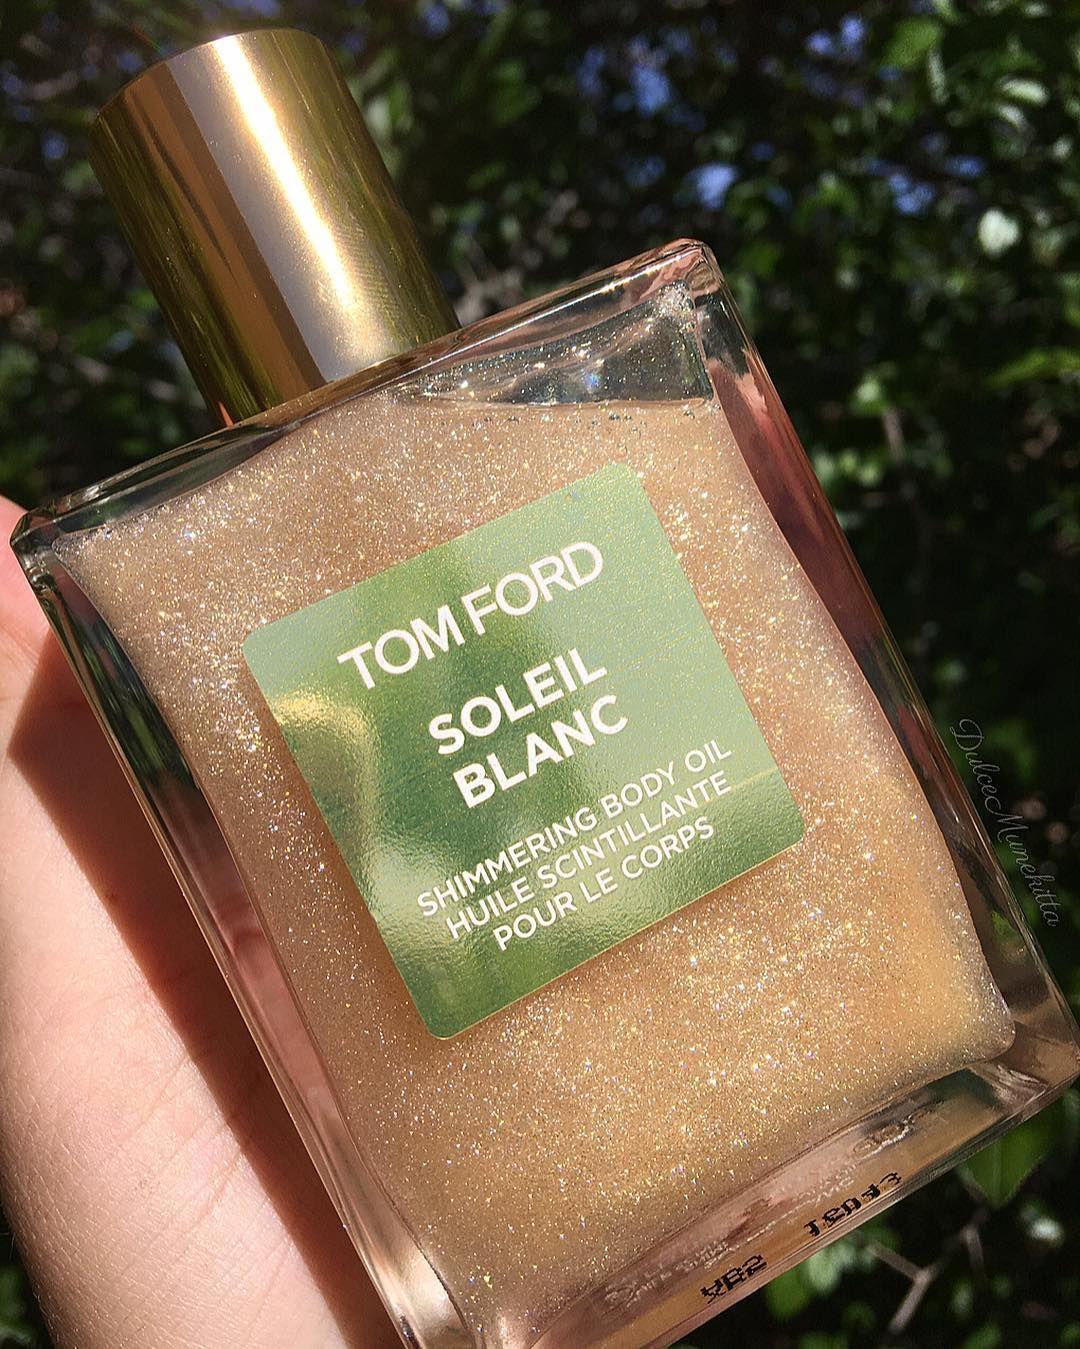 3685c97fdb Tom Ford Soleil Blanc Shimmering Body Oil